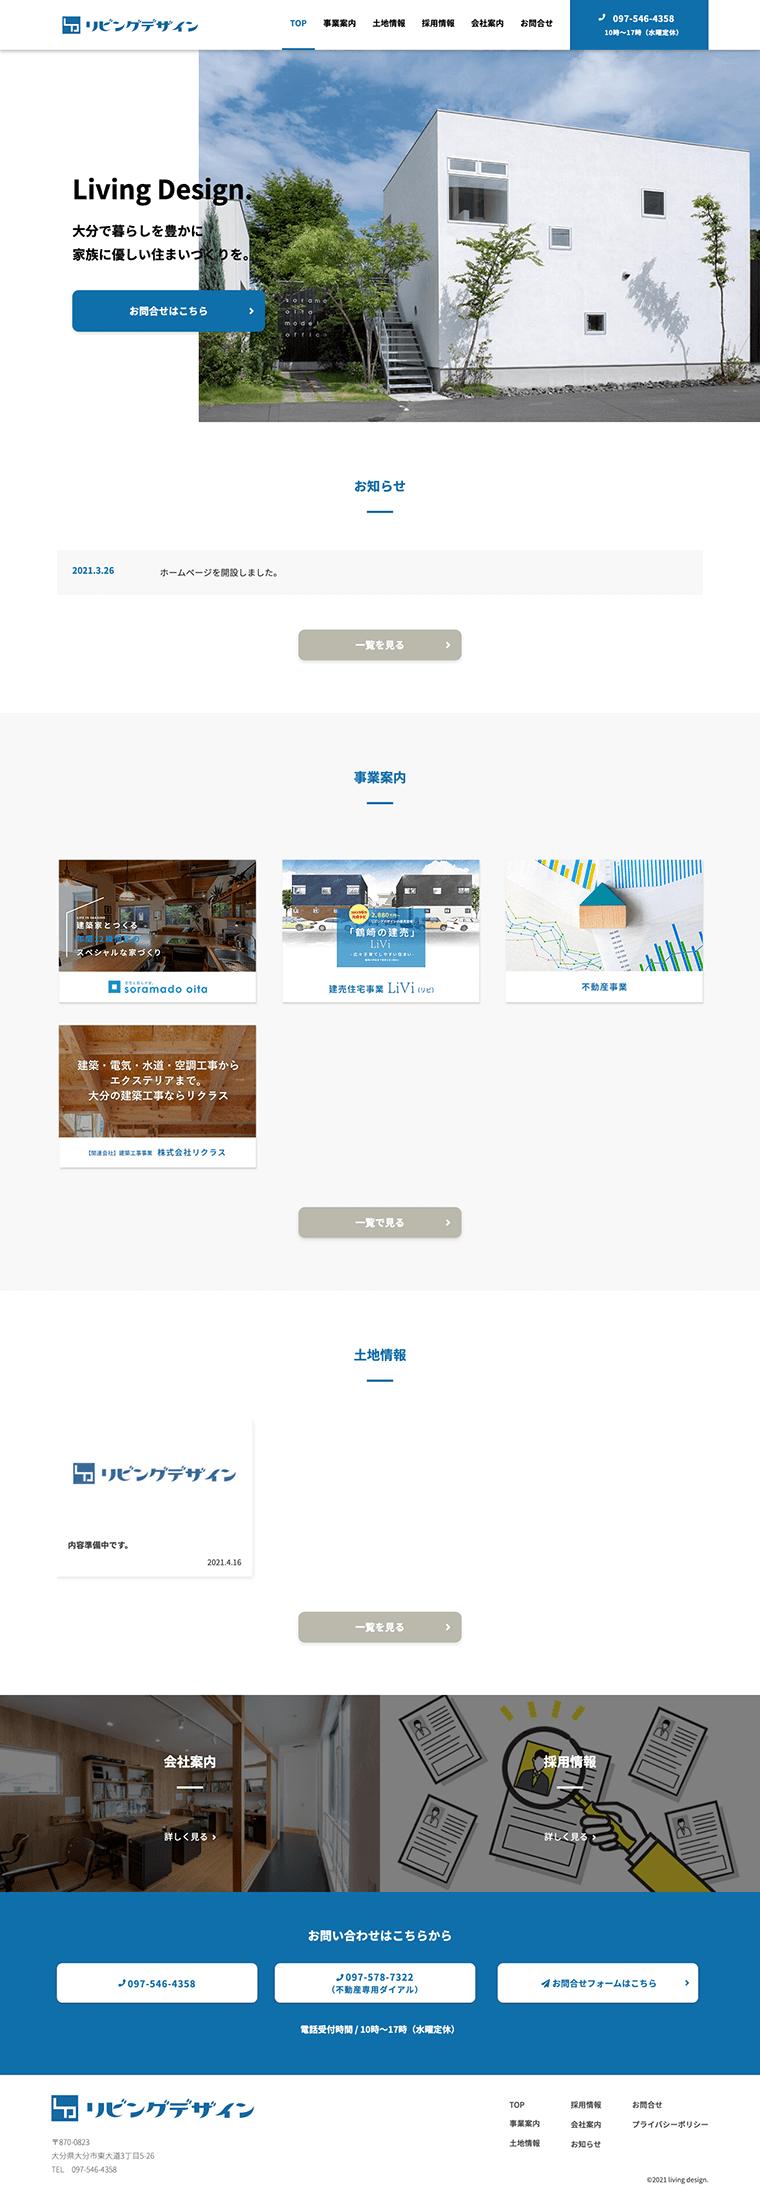 Webマーケティング_制作実績_株式会社 リビングデザイン_2